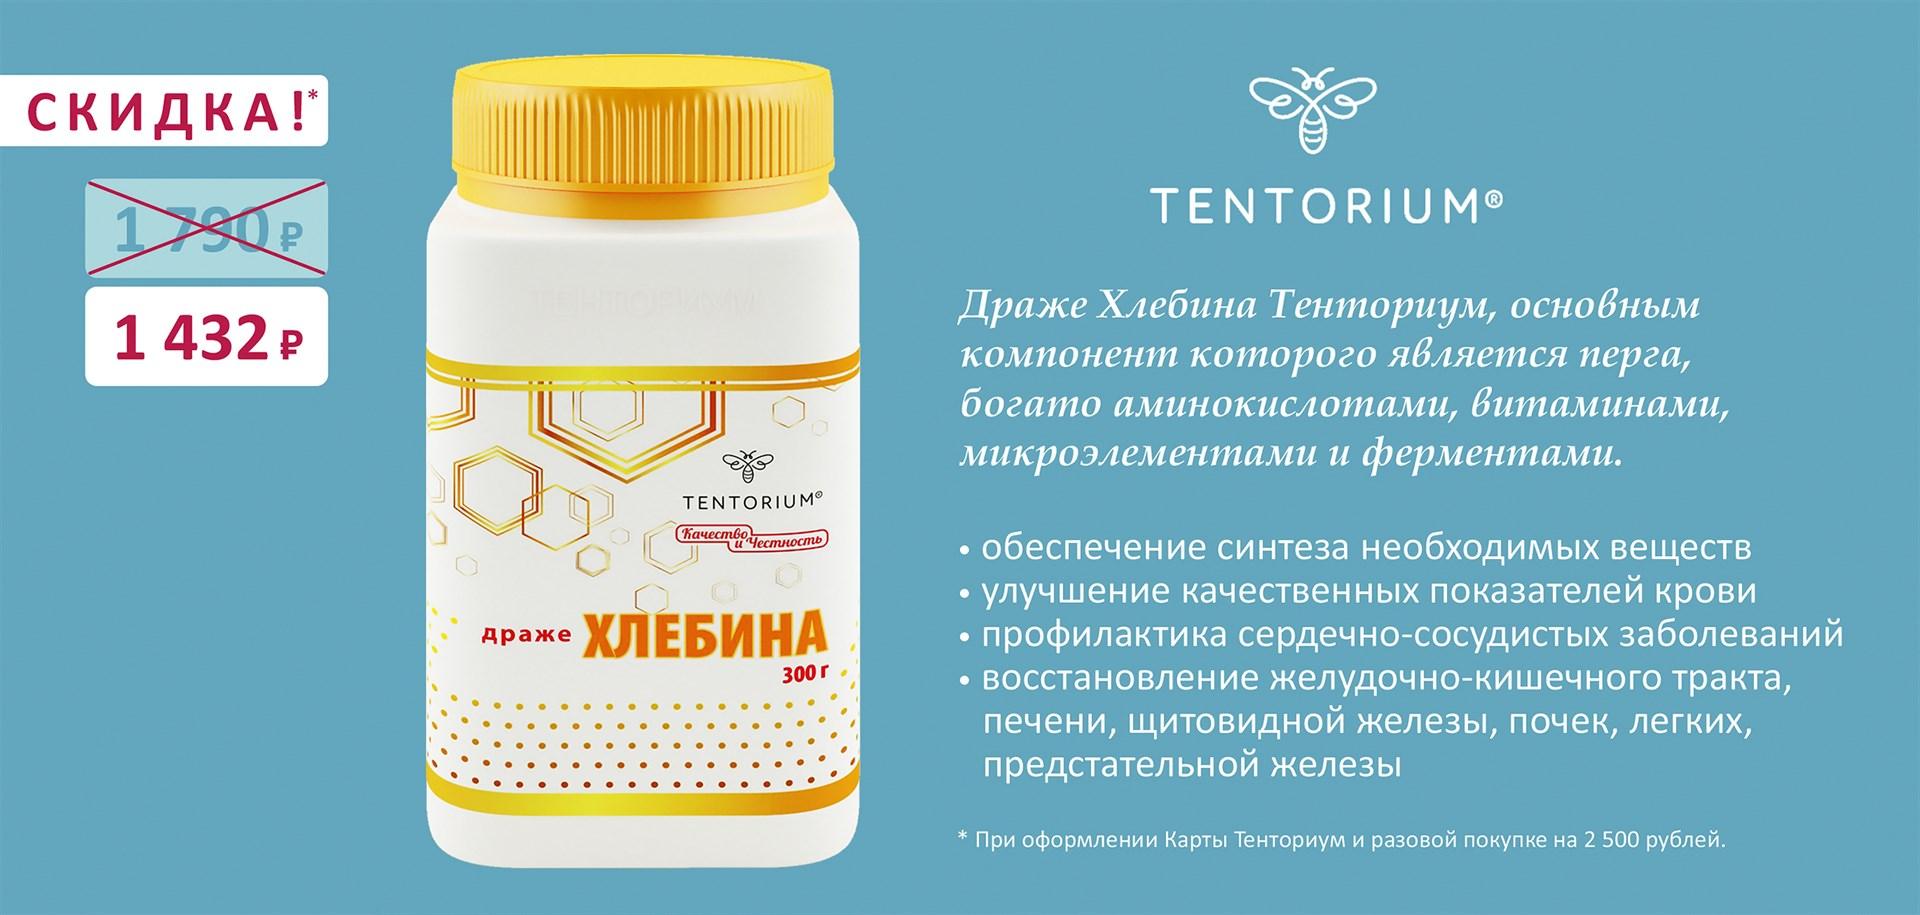 Хлебина питательное драже ТЕНТОРИУМ купить со скидкой официальный магазин TENTORIUM